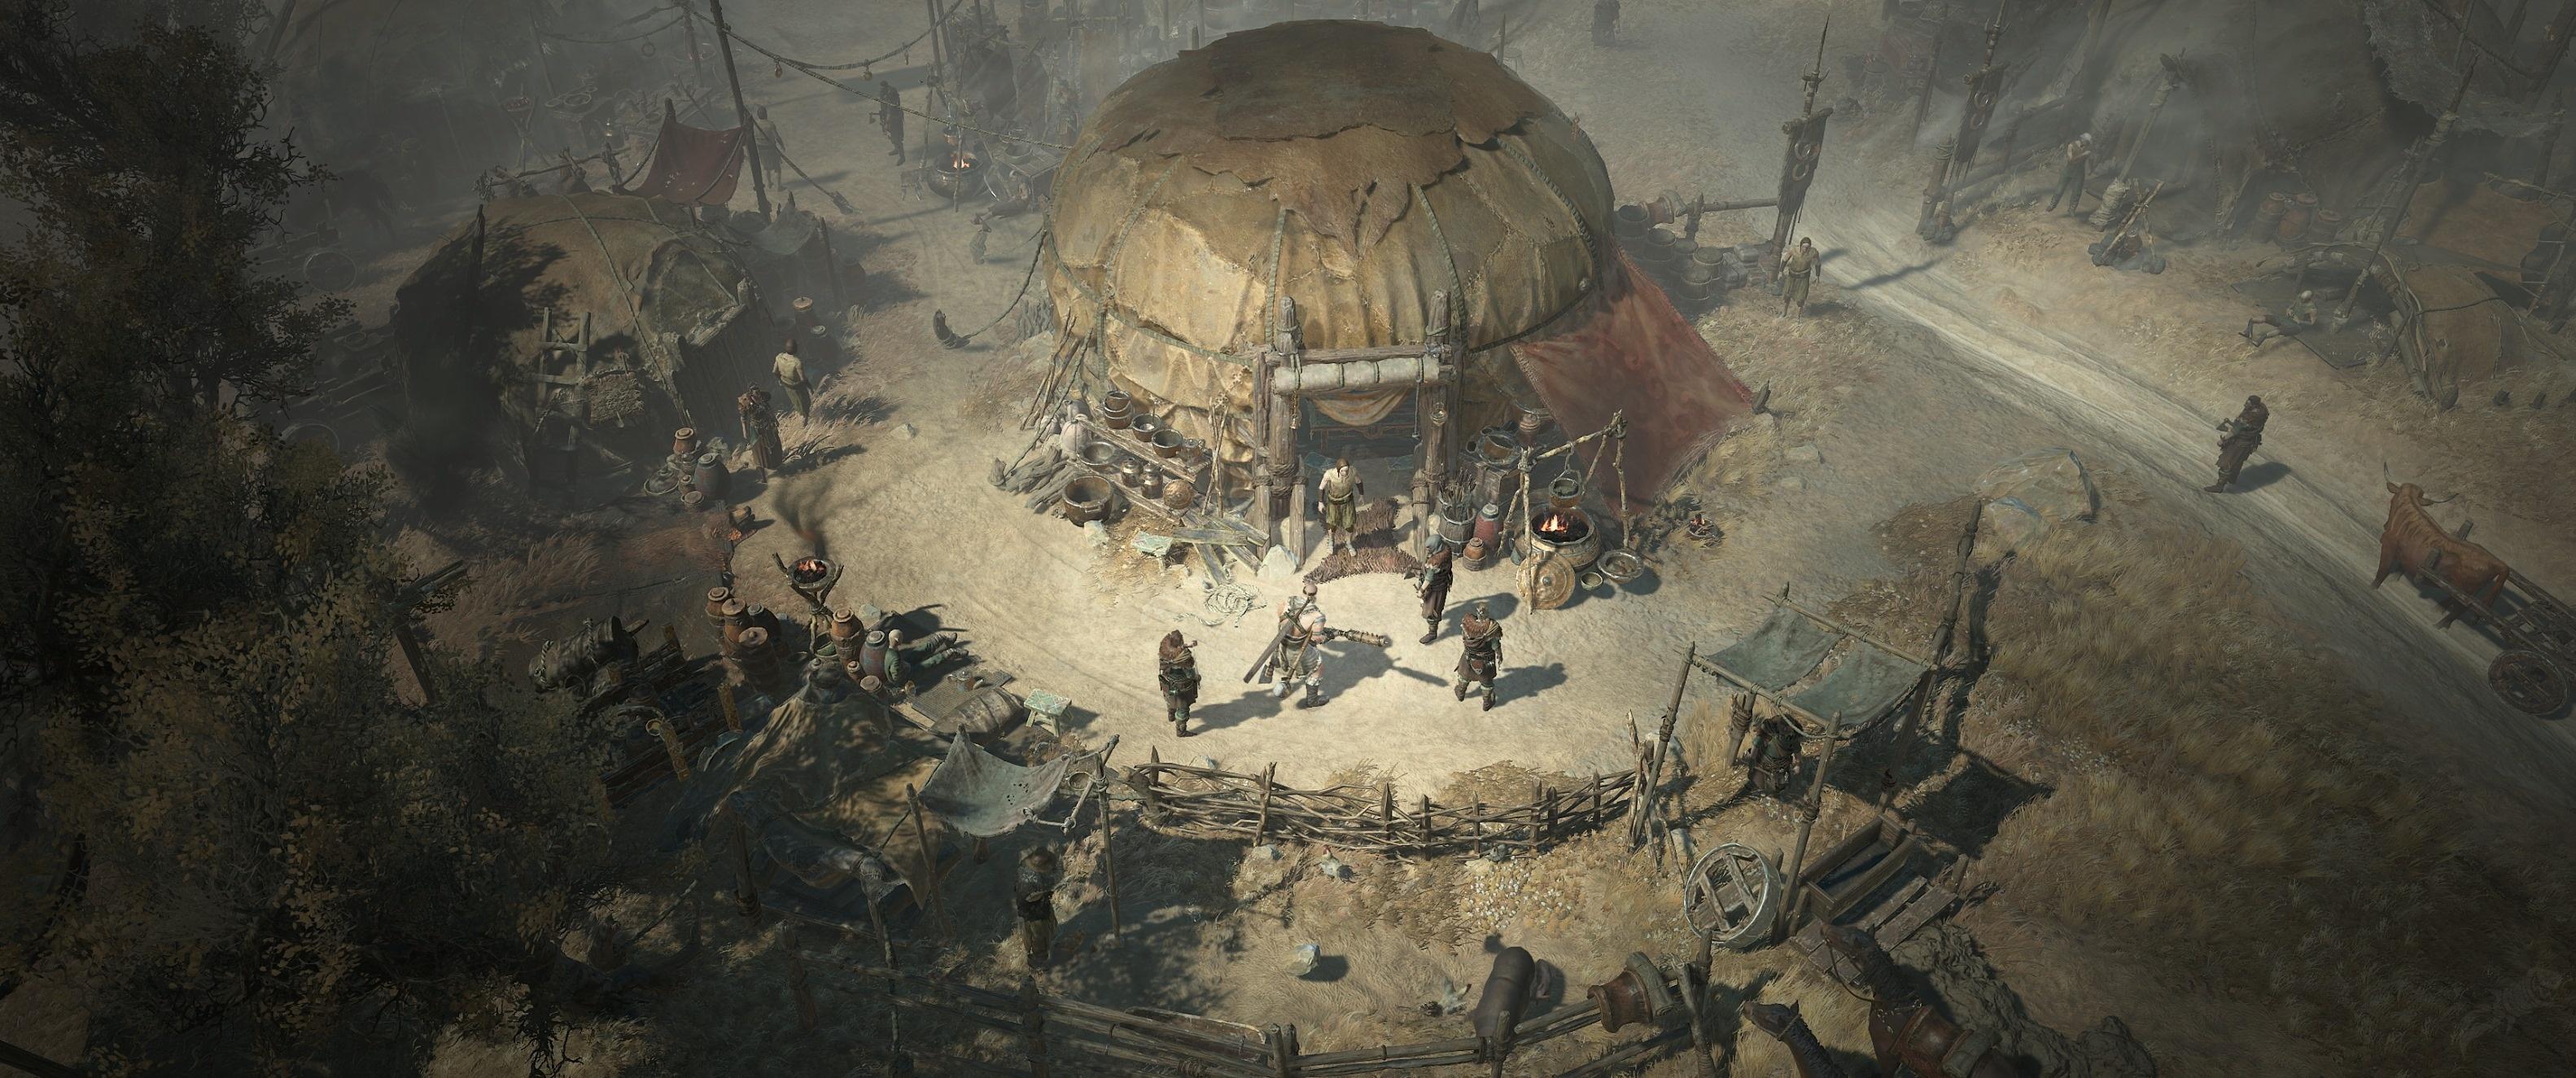 《暗黑破坏神4》系统设计师详谈新系统 易上手难精通不会变